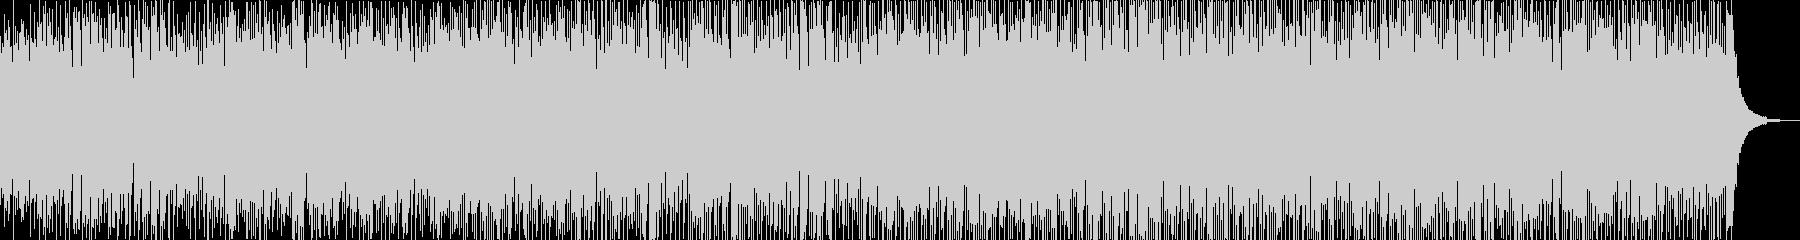 エルトンジョン風のウエディングバラードの未再生の波形